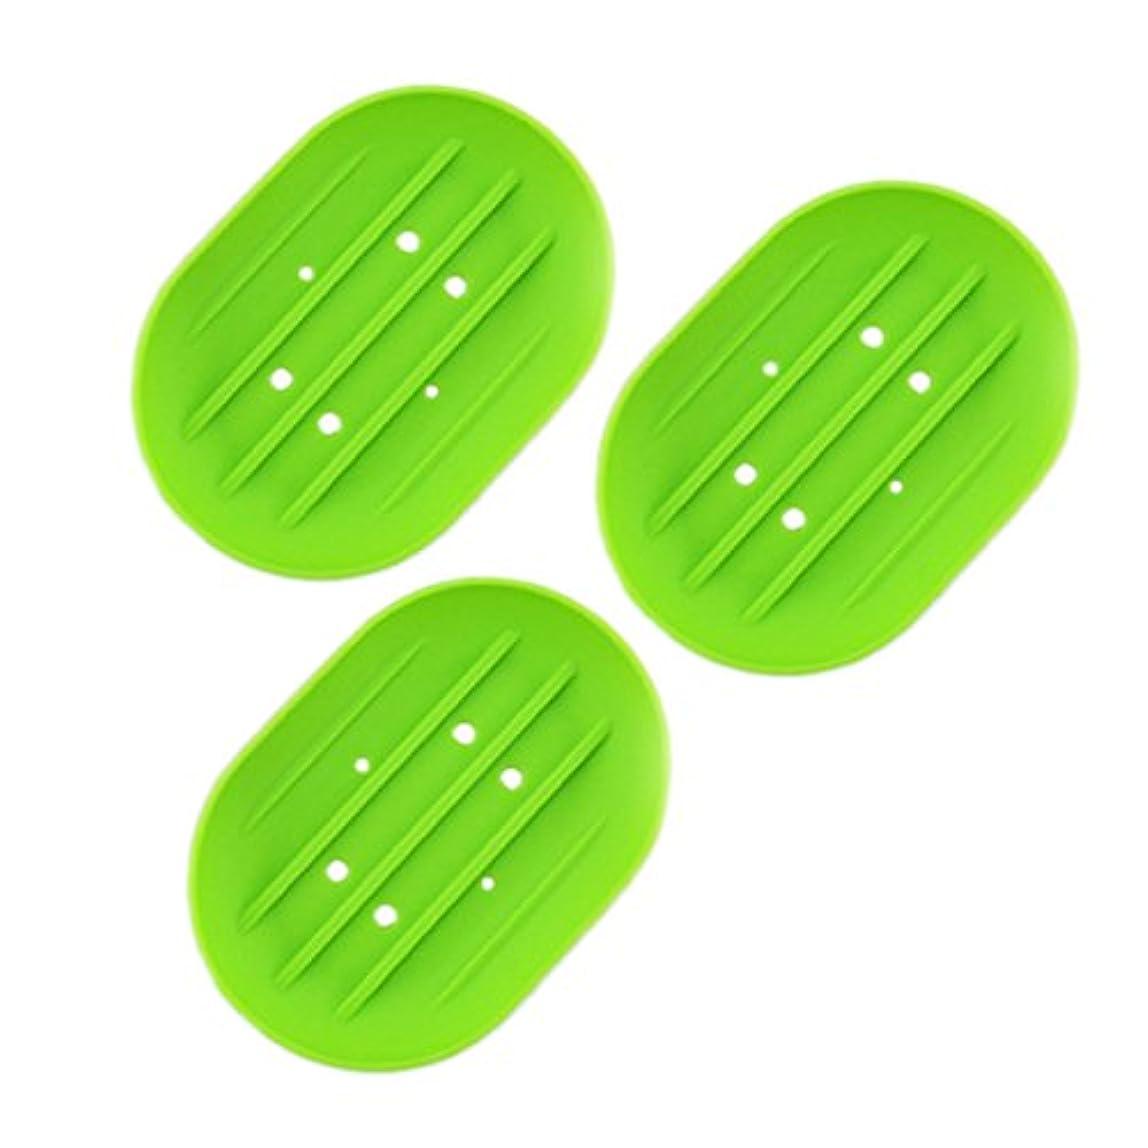 グラフ類人猿光景BESTOMZ ソープディッシュソープホルダー, 石鹸トレイ乾燥石鹸バー 浴室用キッチン用3連グリーン用